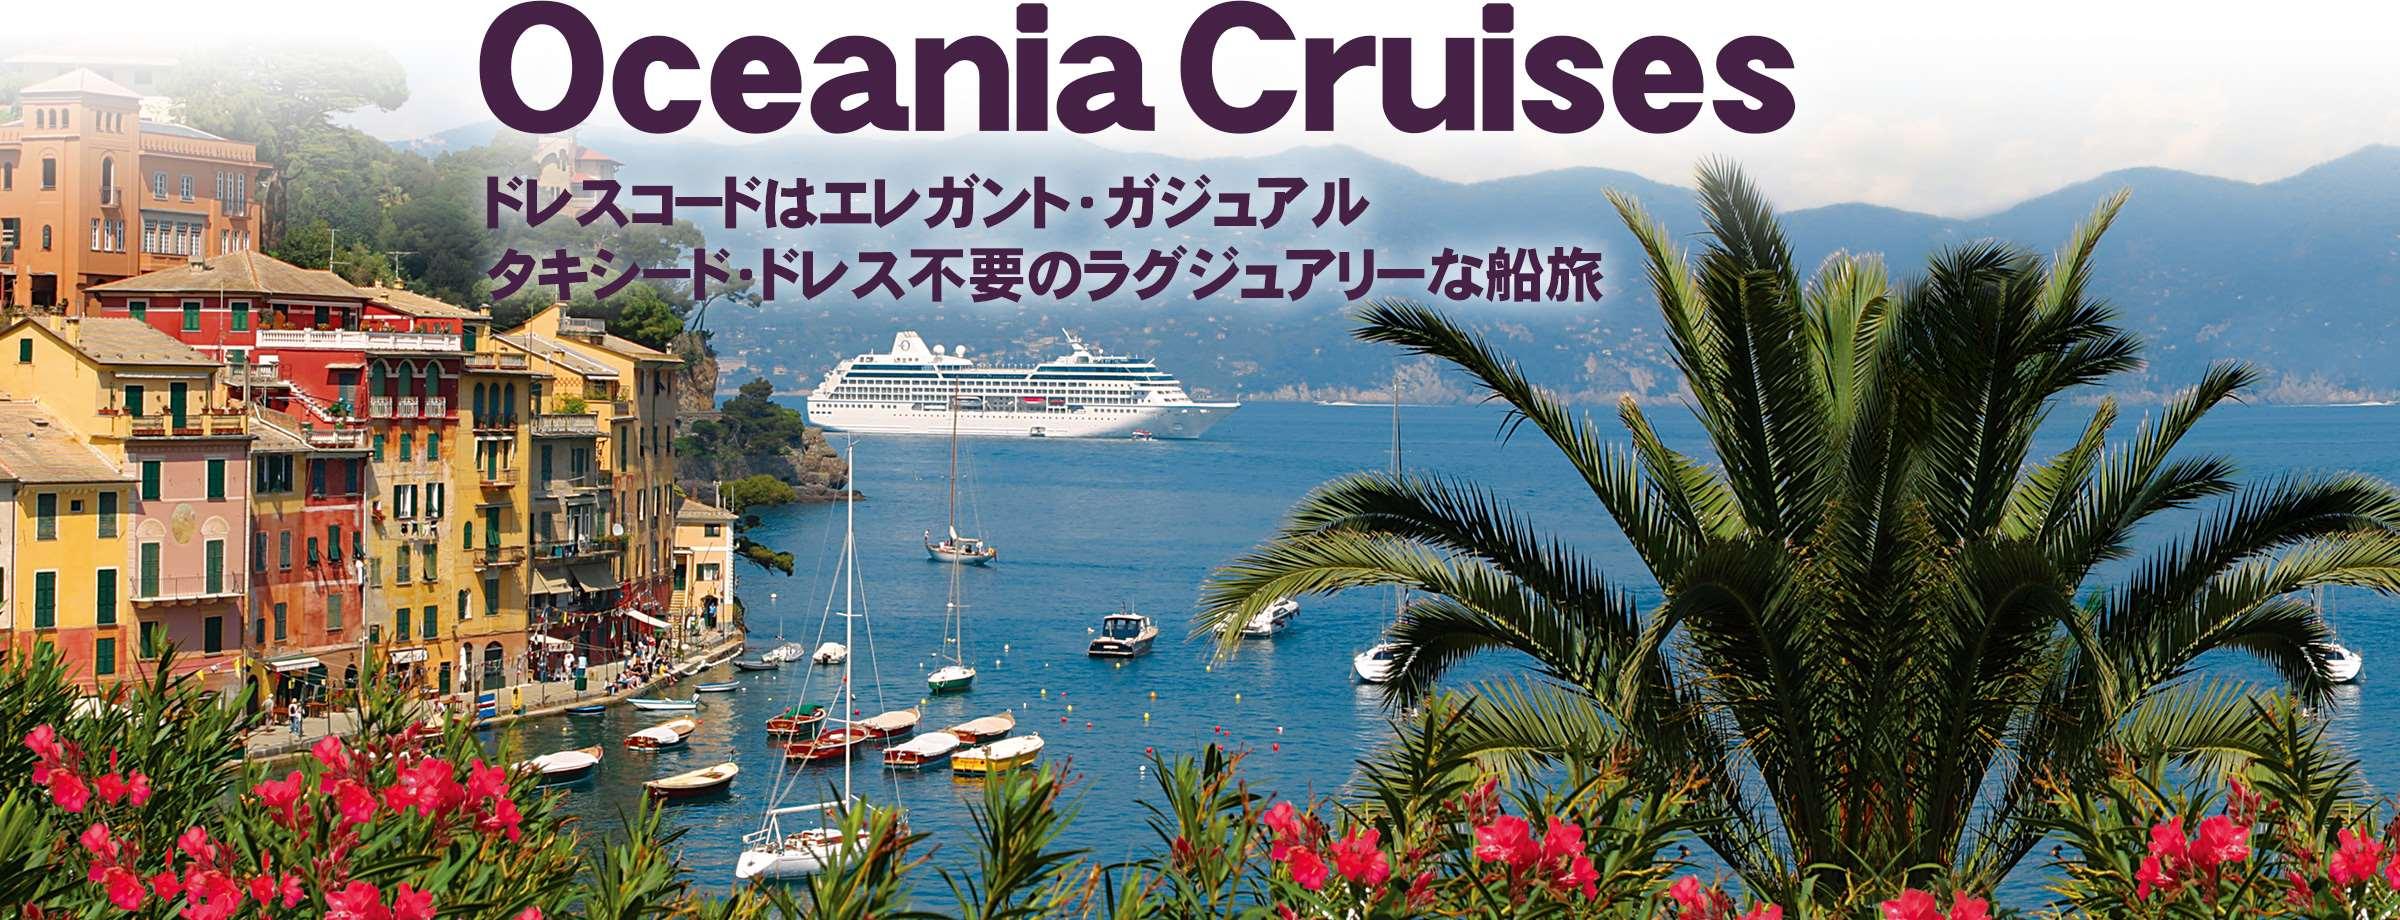 \フラッシュキャンペーン/ 12月27日(金)まで 2020年9月1日出航オーシャニア・リビエラ地中海クルーズ 最大30%オフ